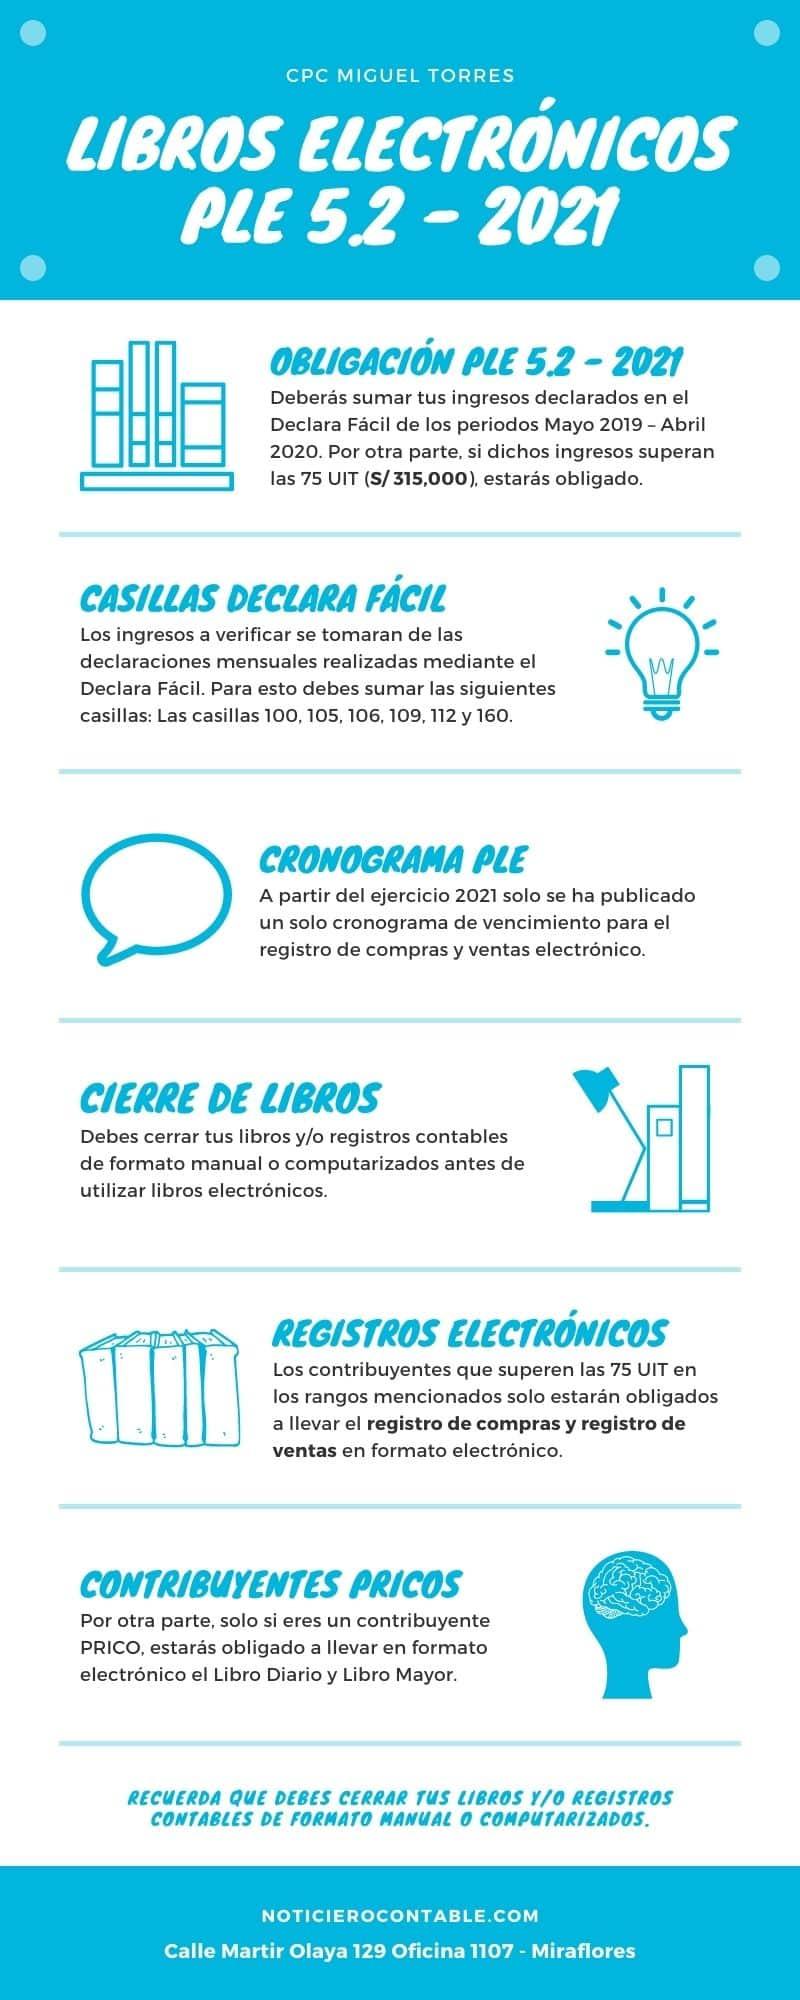 Libros Electronicos PLE 5.2 - 2021